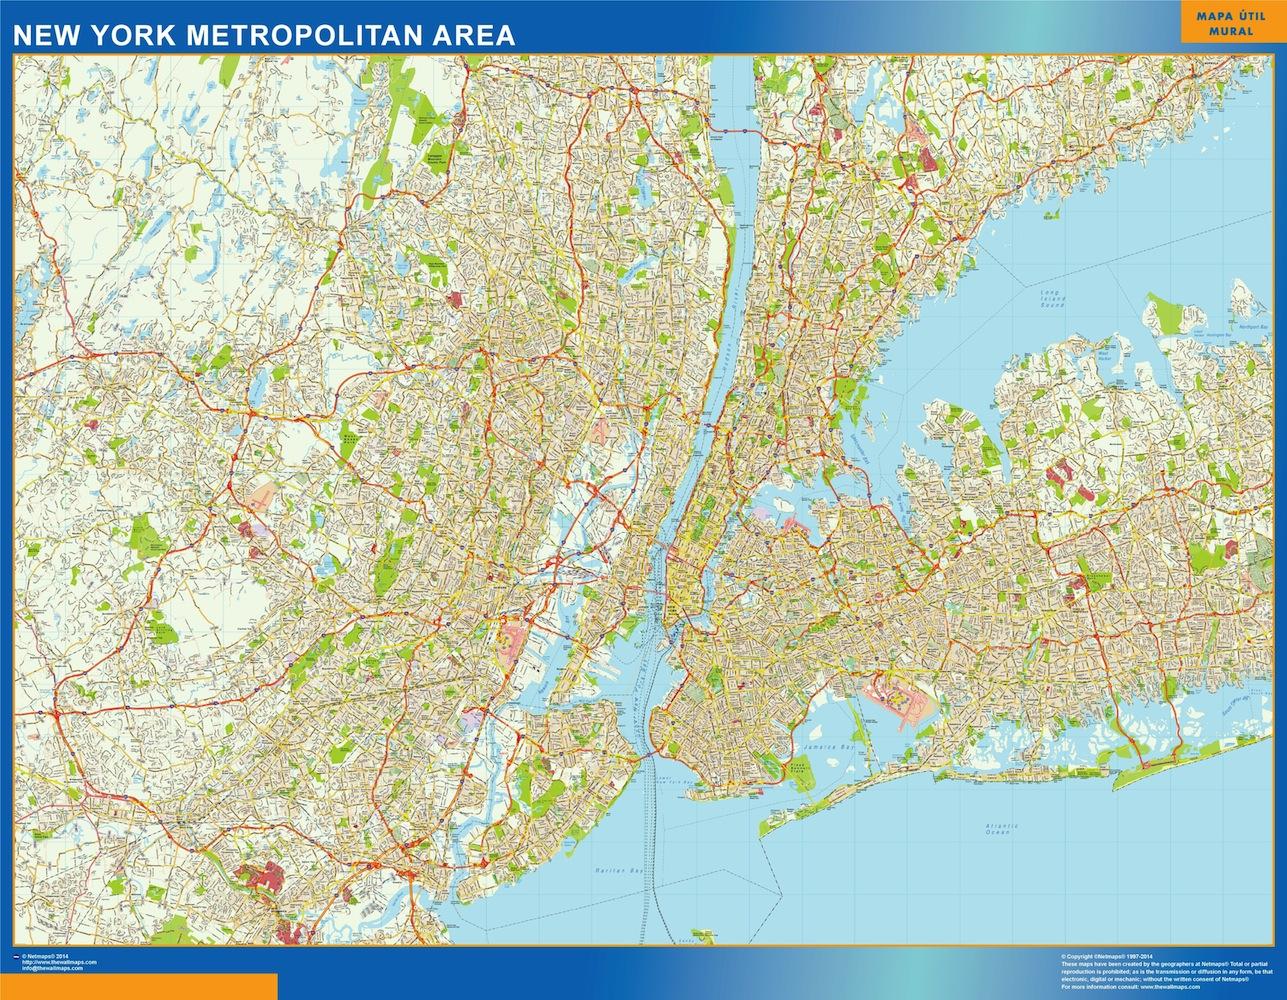 Mapa de Nueva York Metropolitano plastificado gigante